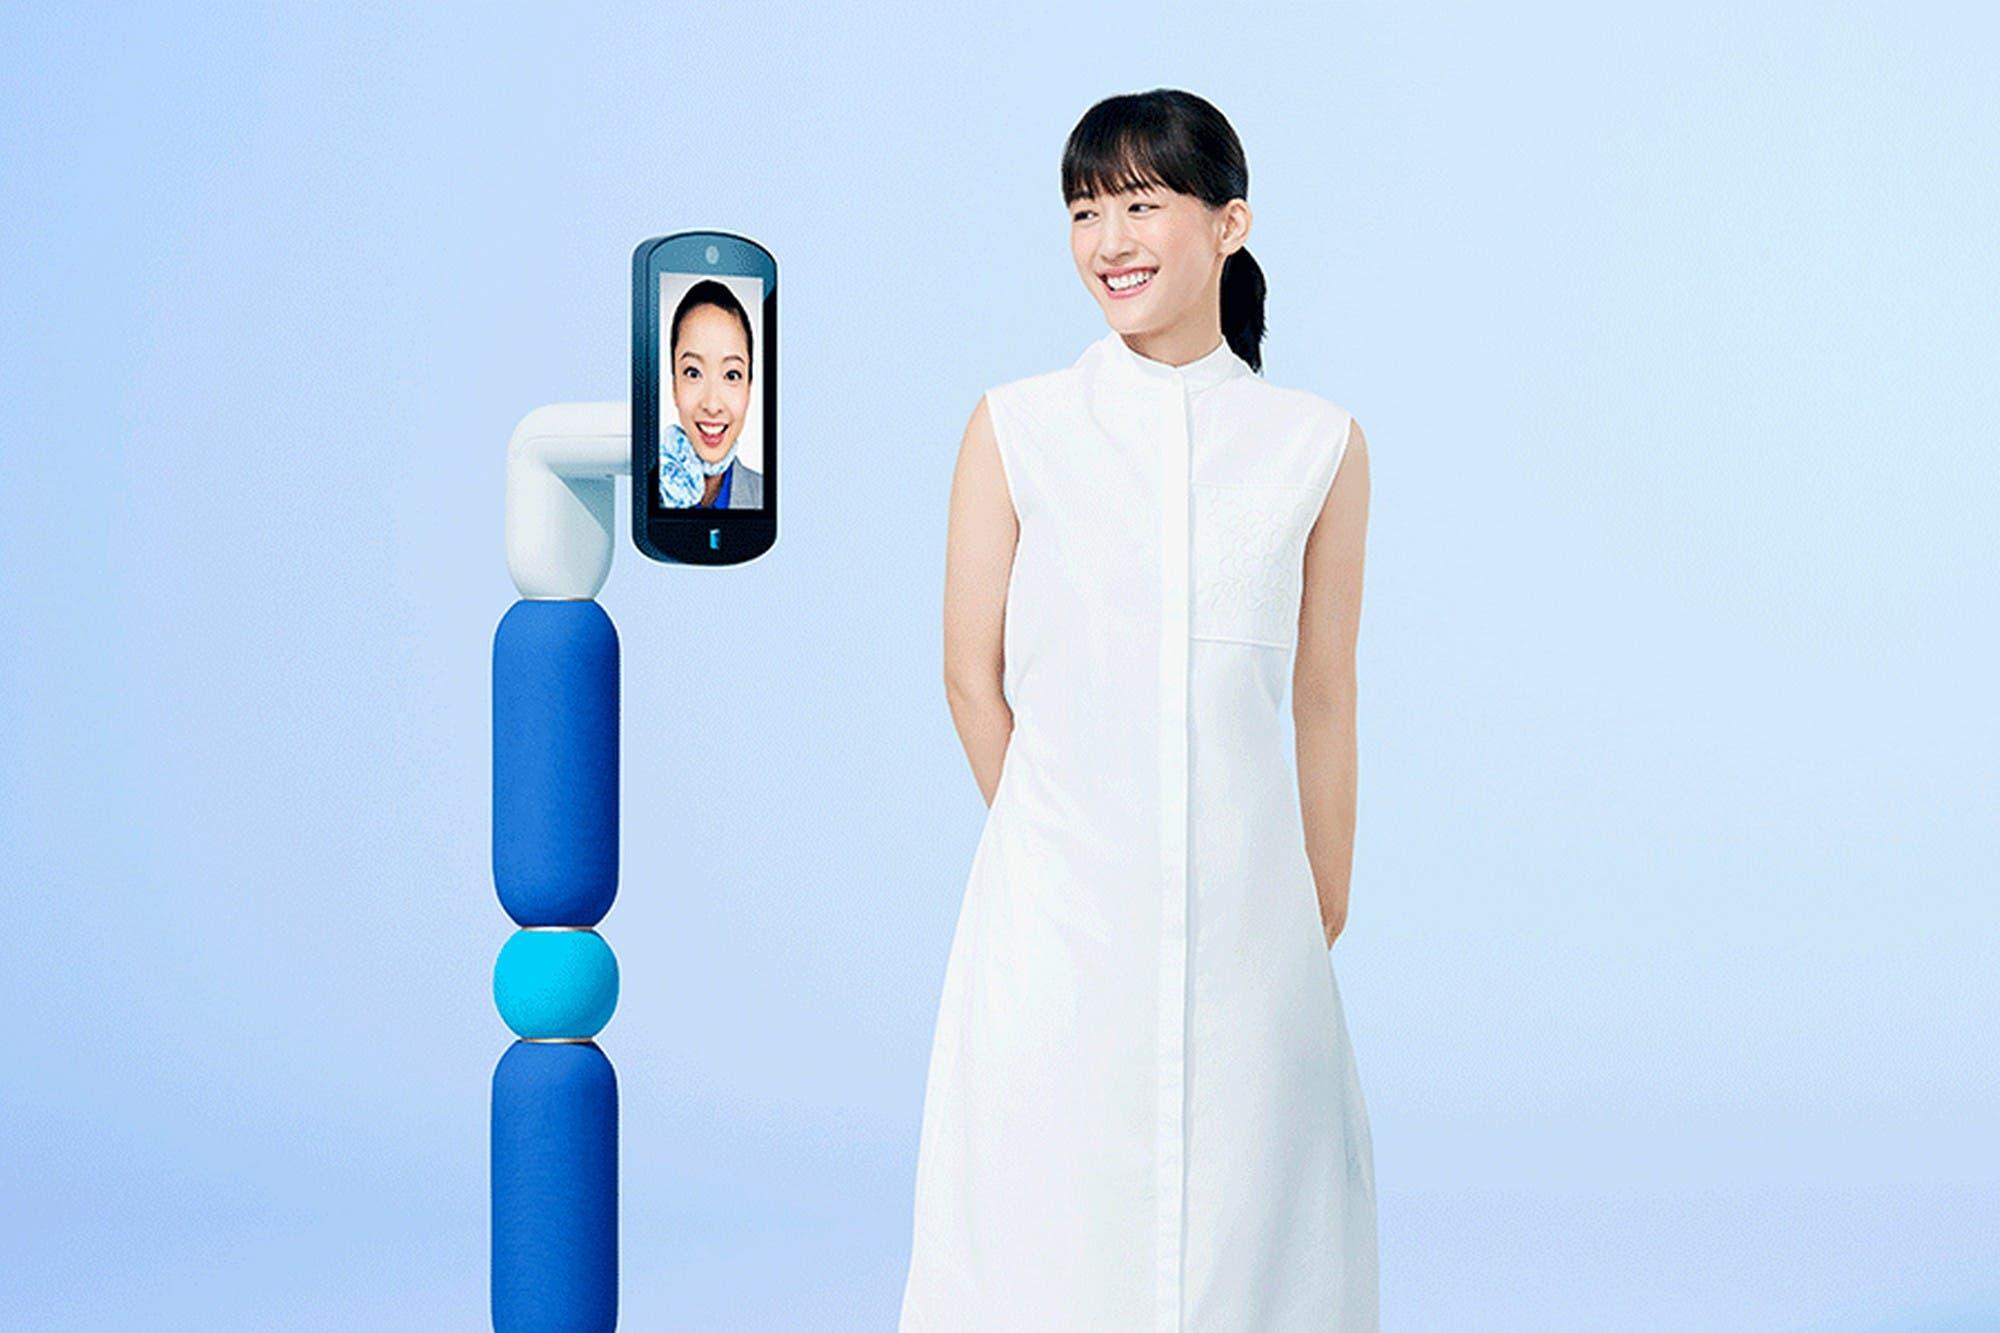 Nada de vuelos: los viajes del futuro serán con robots controlados a distancia